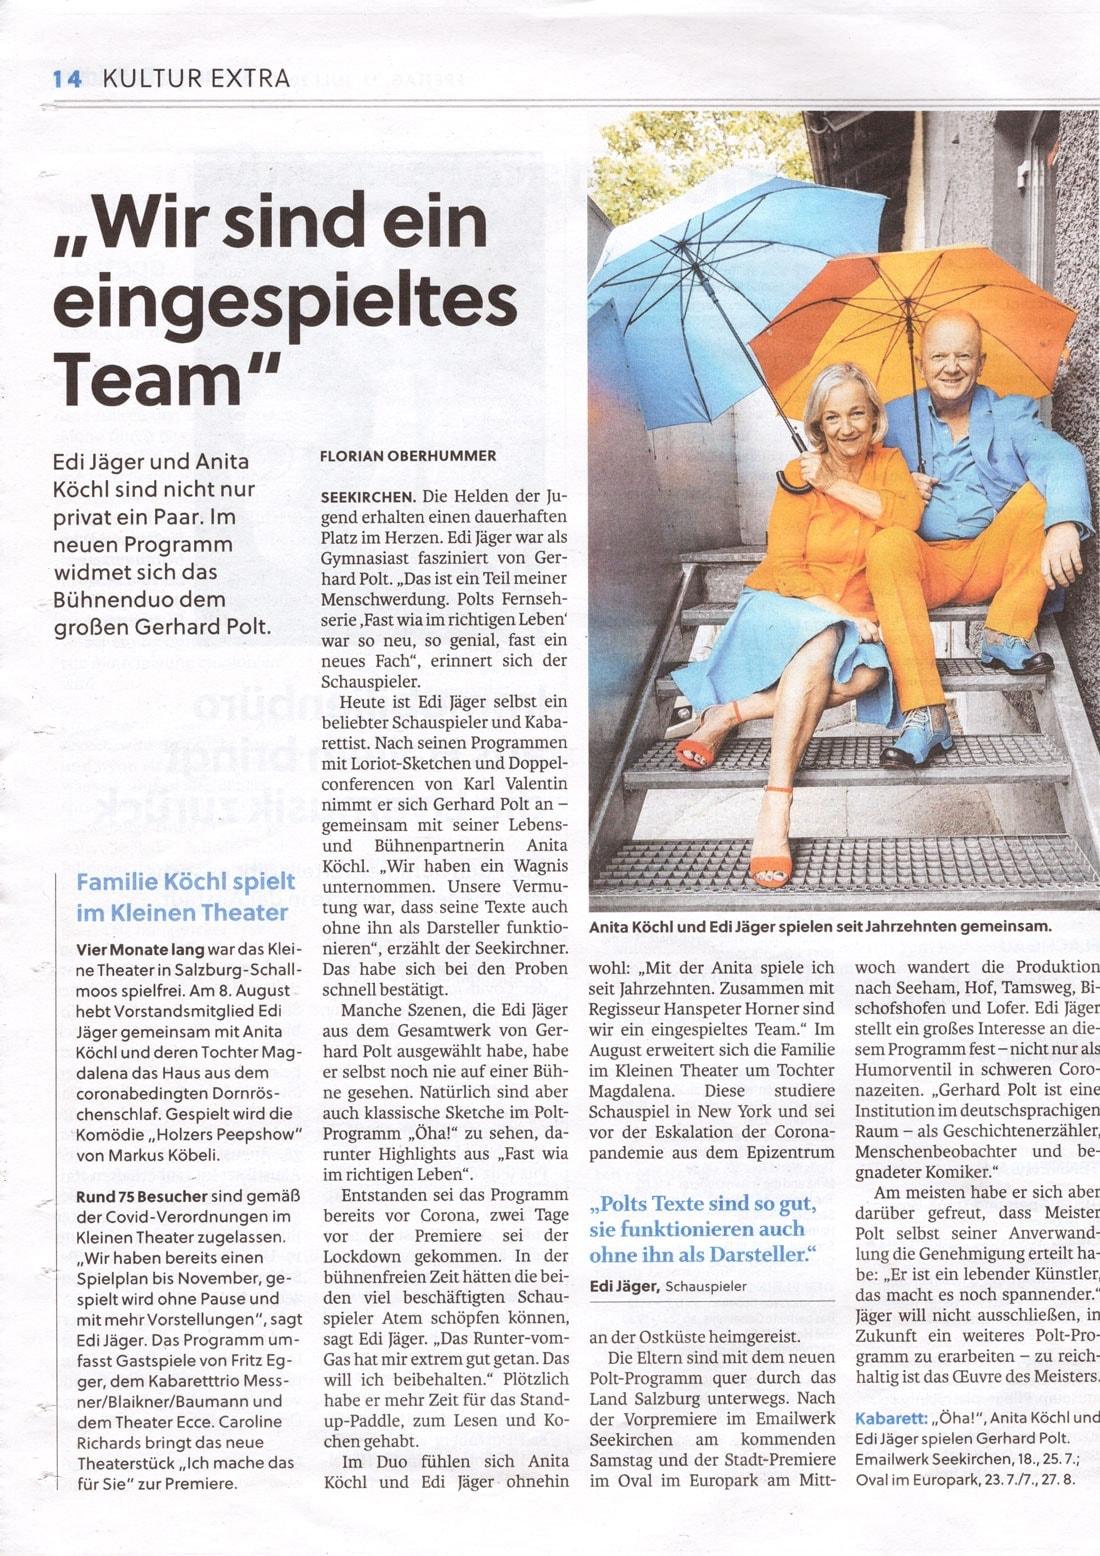 20200717 SCN Jaeger Kochl 02 - Wir sind ein eingespieltes Team - SN vom 17.07.2020